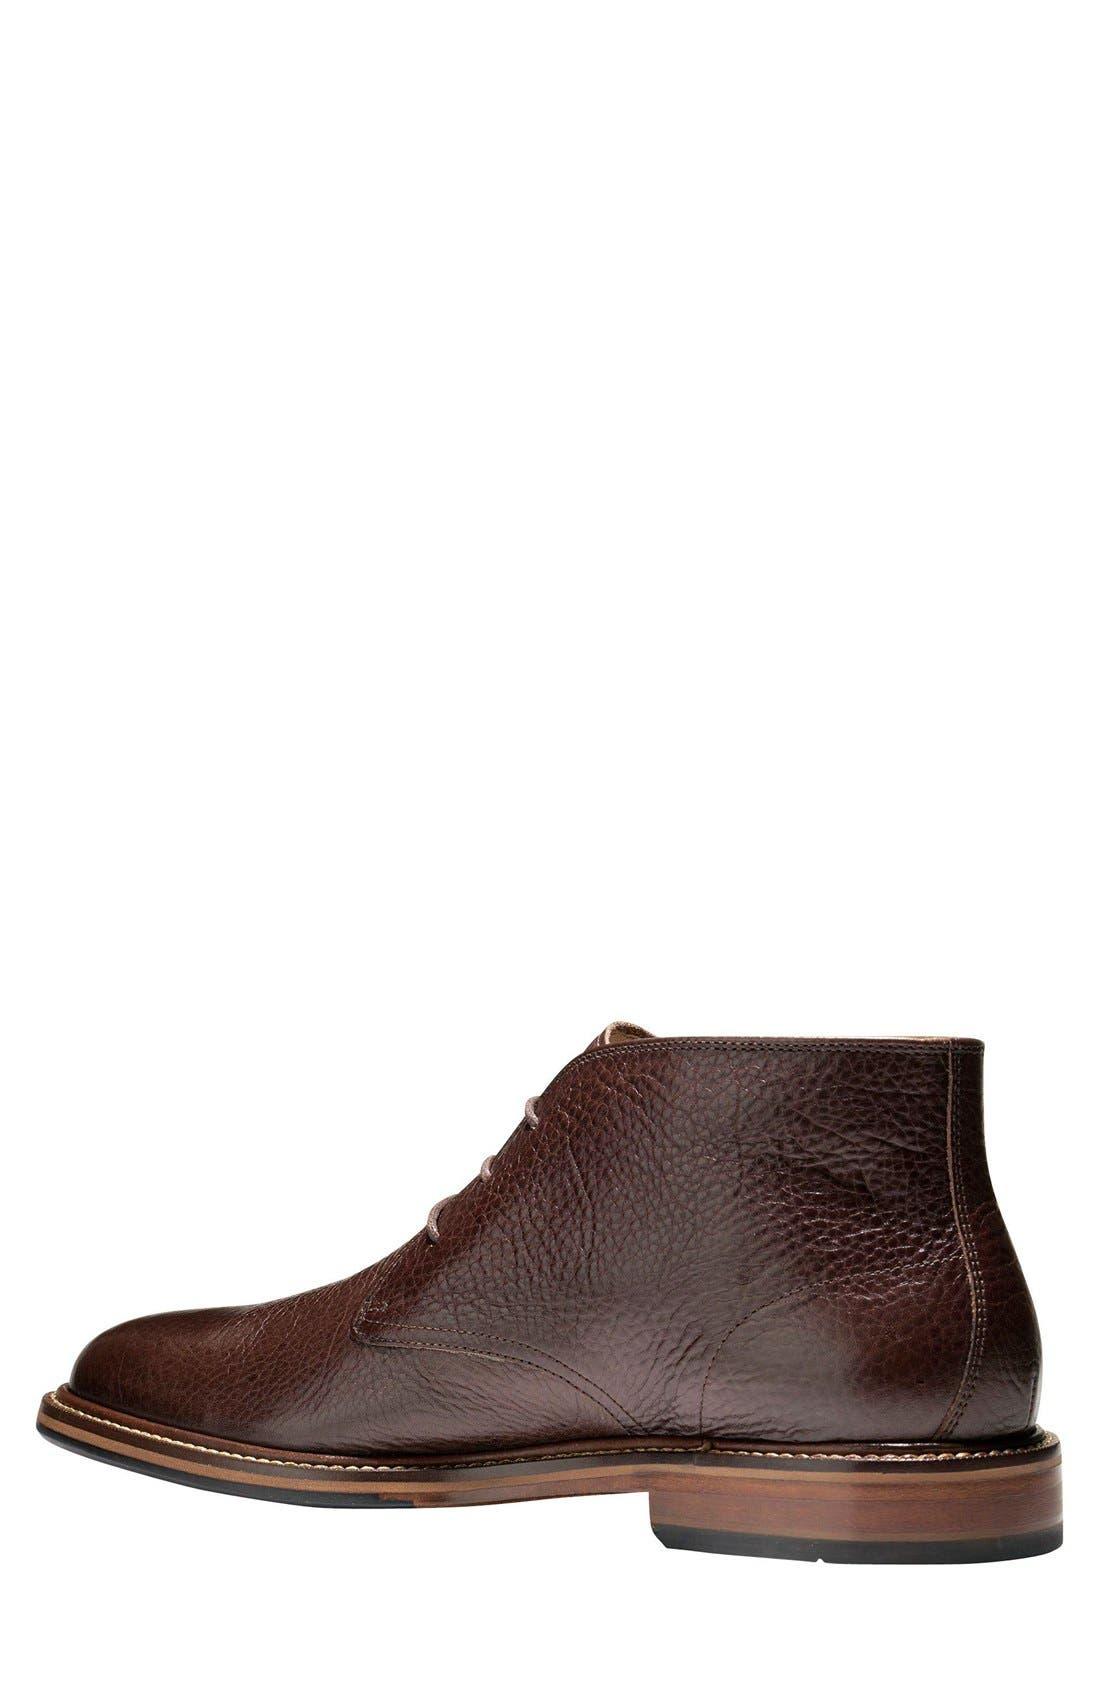 Alternate Image 2  - Cole Haan 'Barron' Chukka Boot (Men)